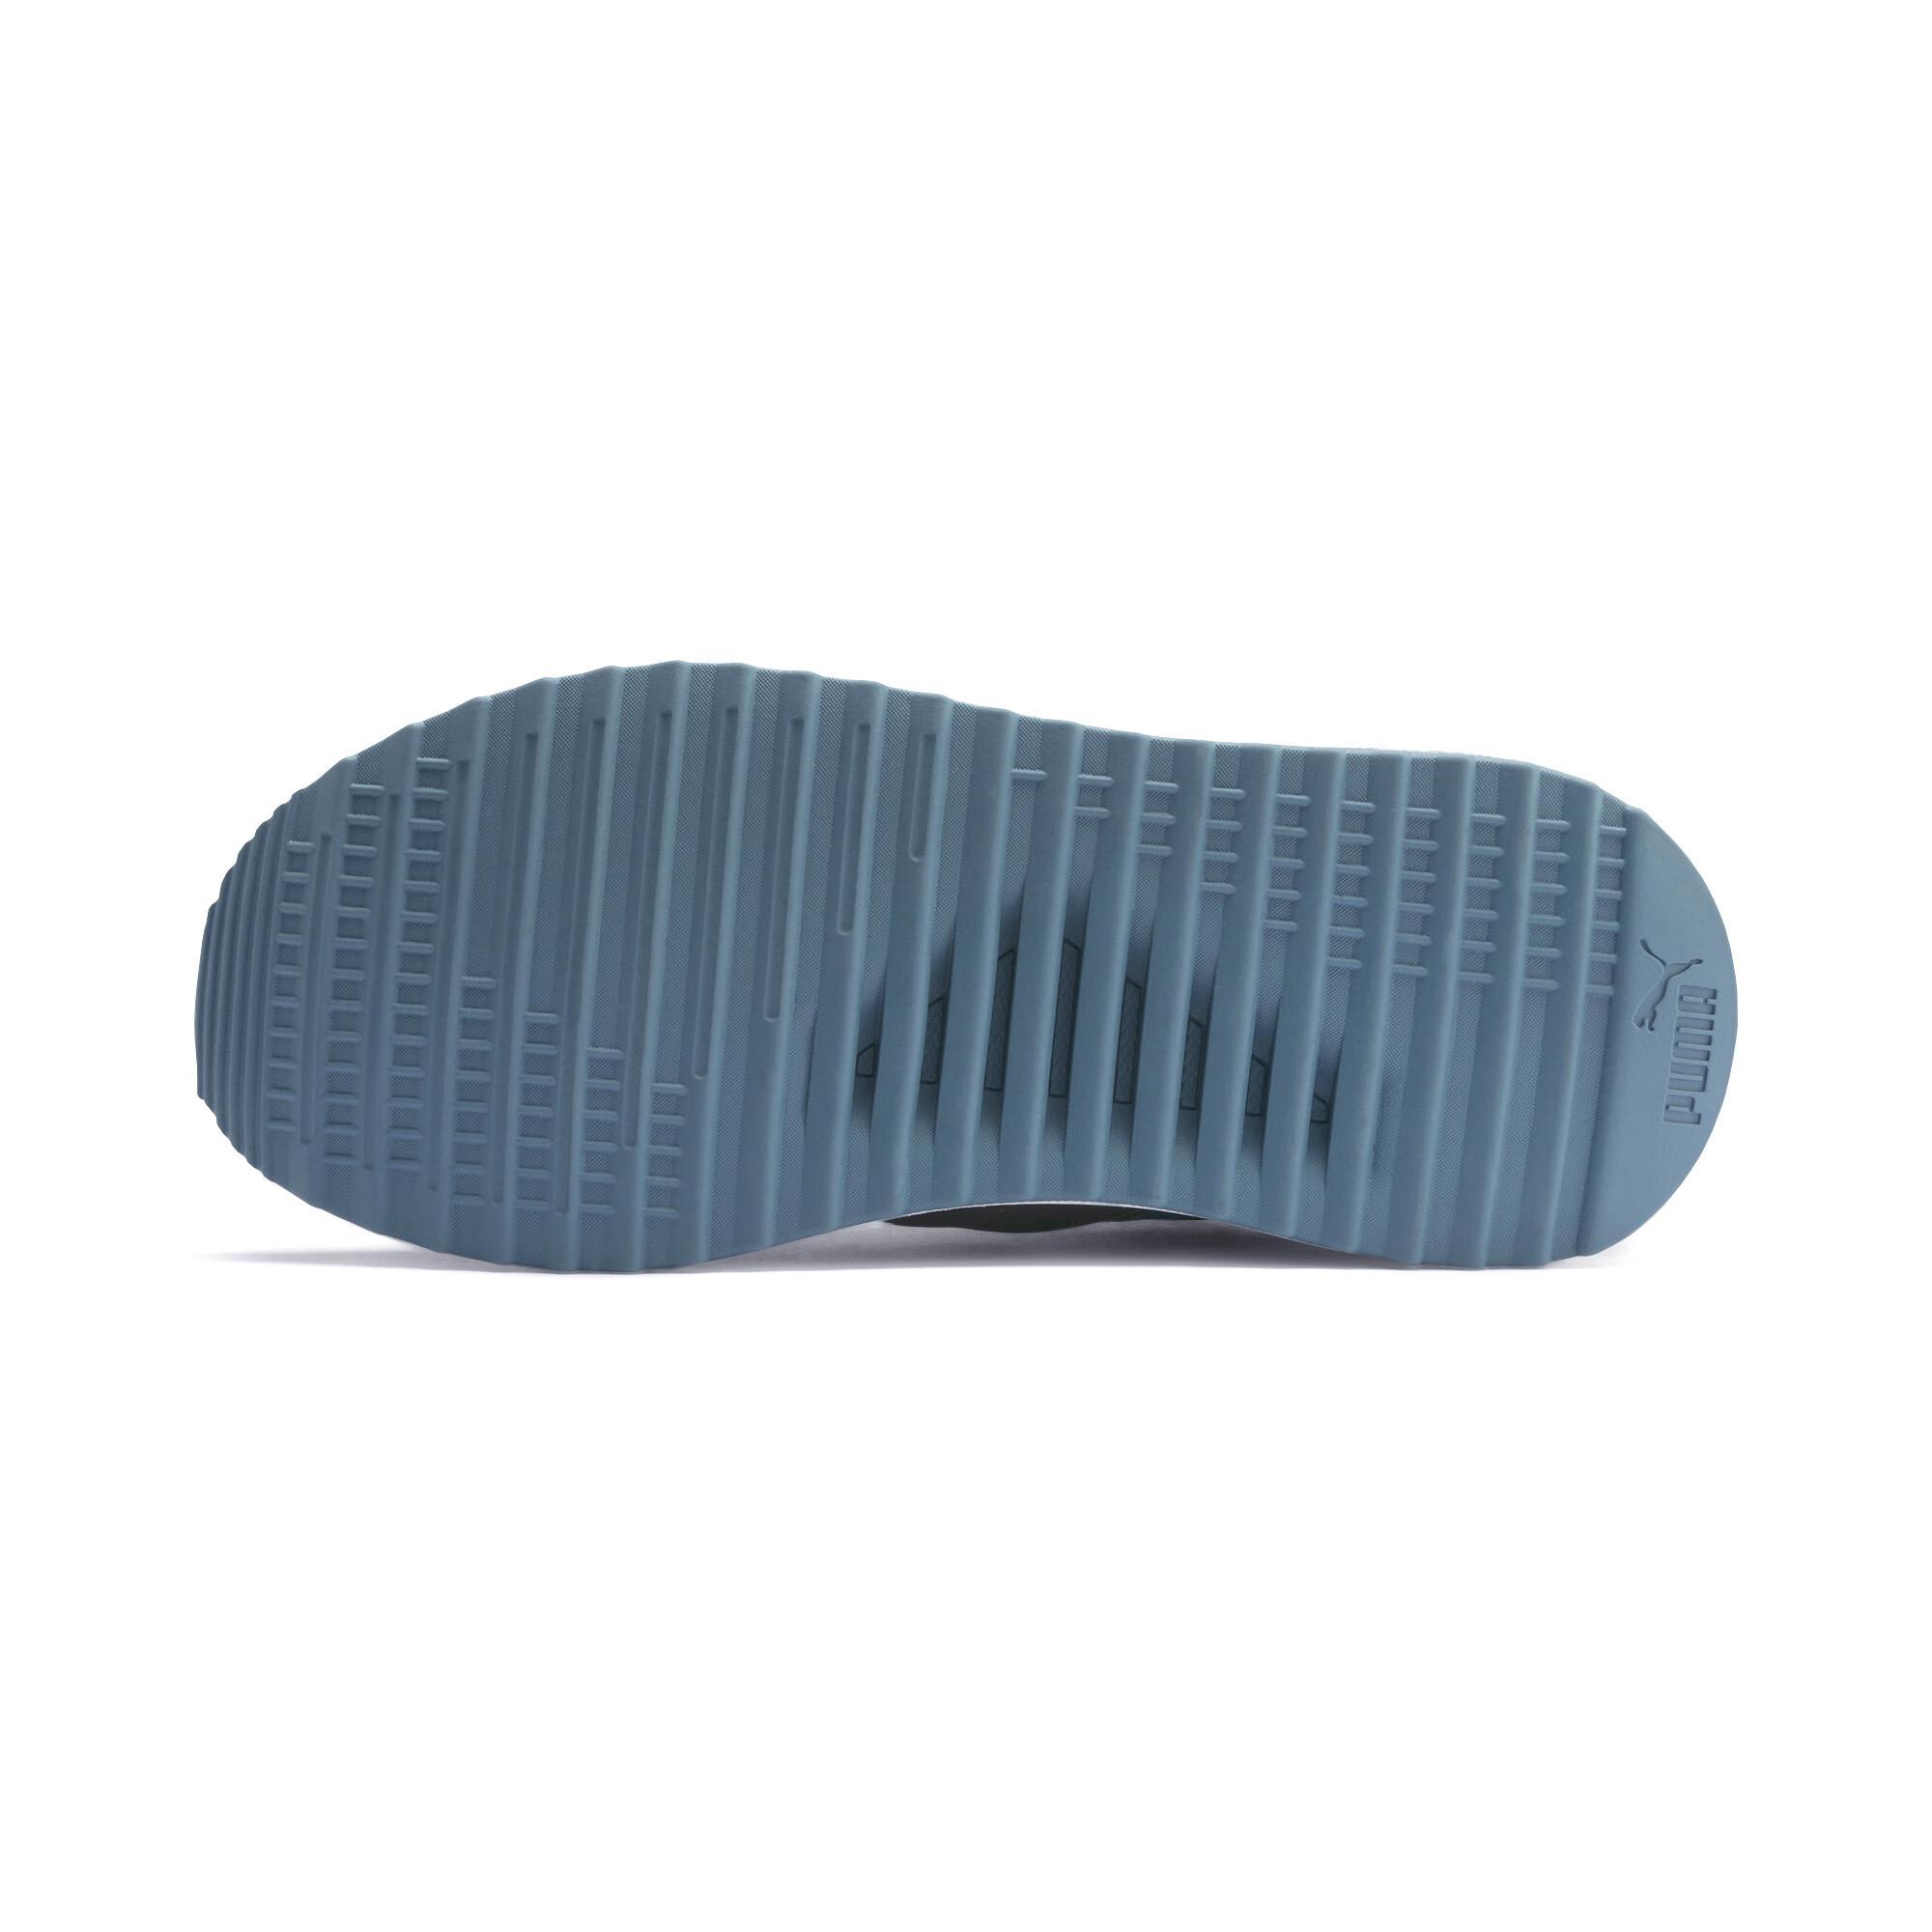 PUMA-Pacer-Next-Excel-Core-Men-039-s-Sneakers-Men-Shoe-Basics thumbnail 21